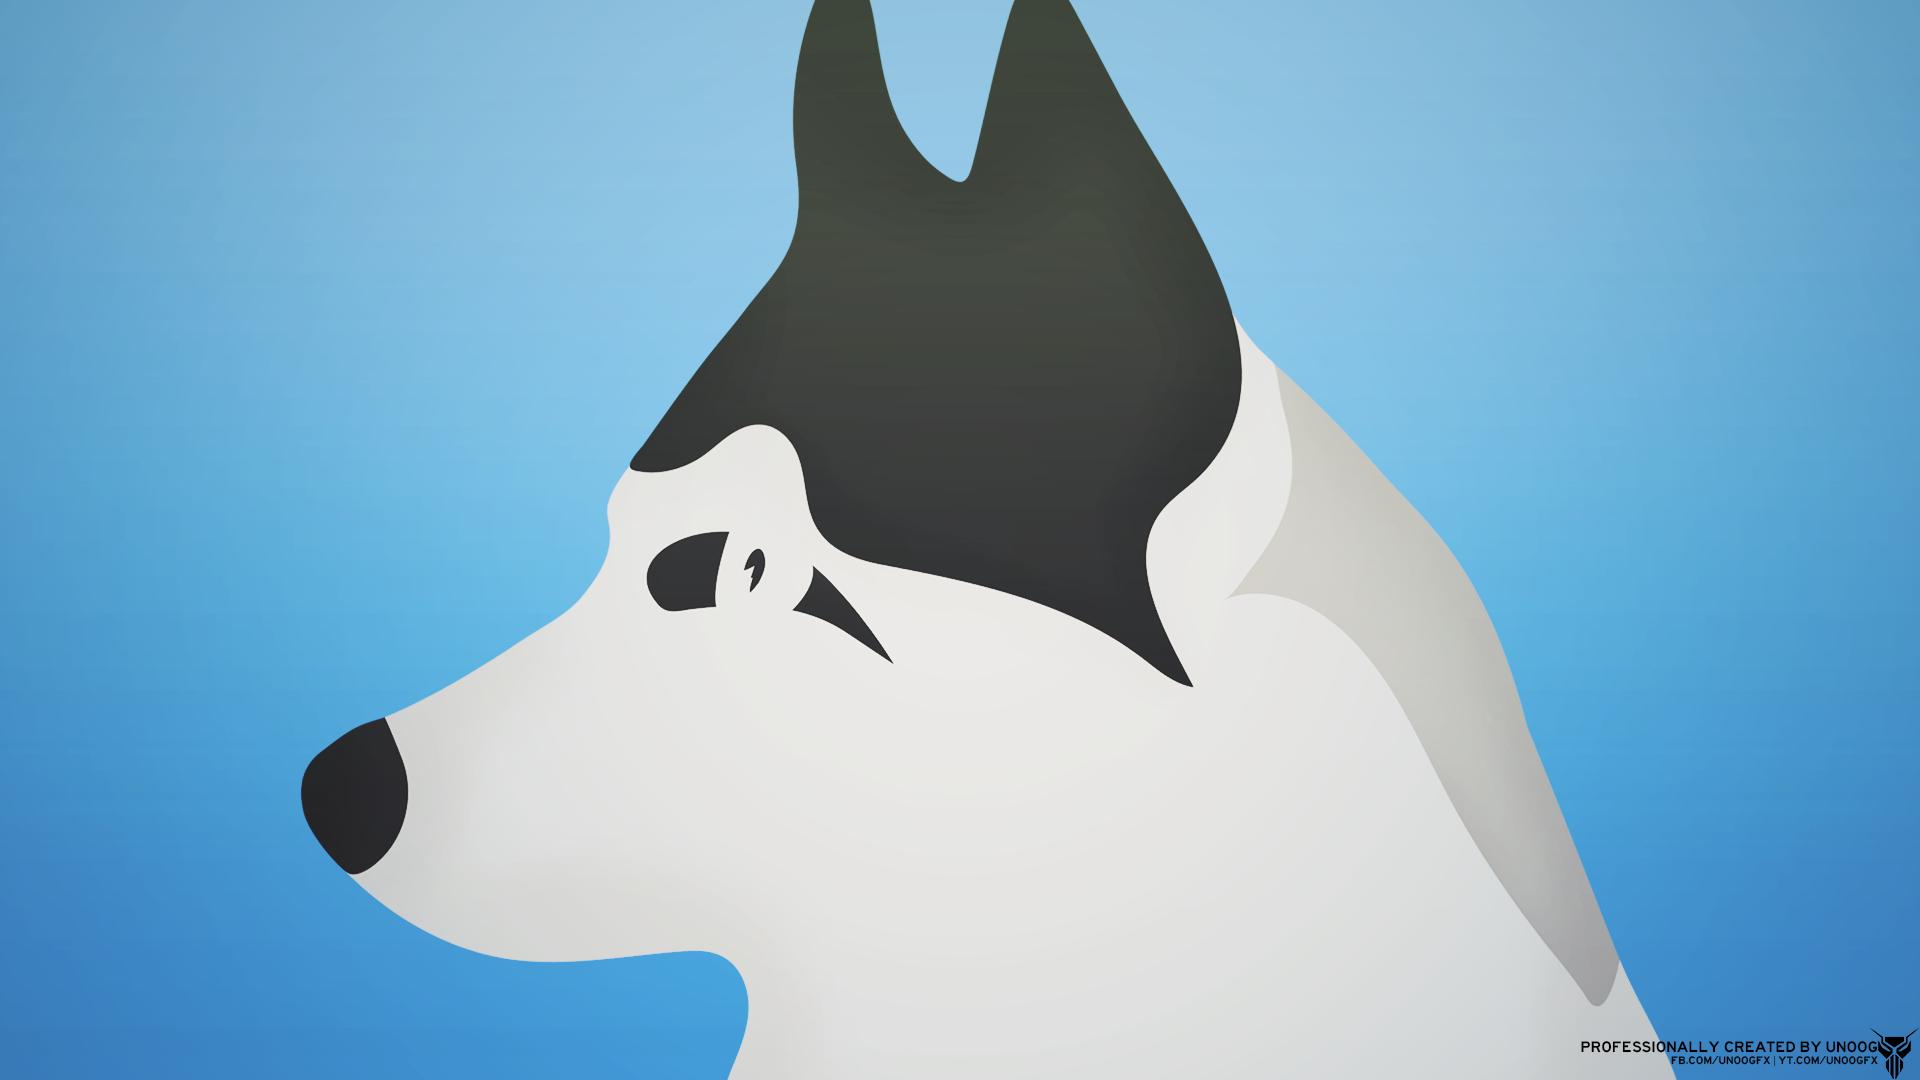 Fondos De Pantalla : Ilustración, Animales, Minimalismo